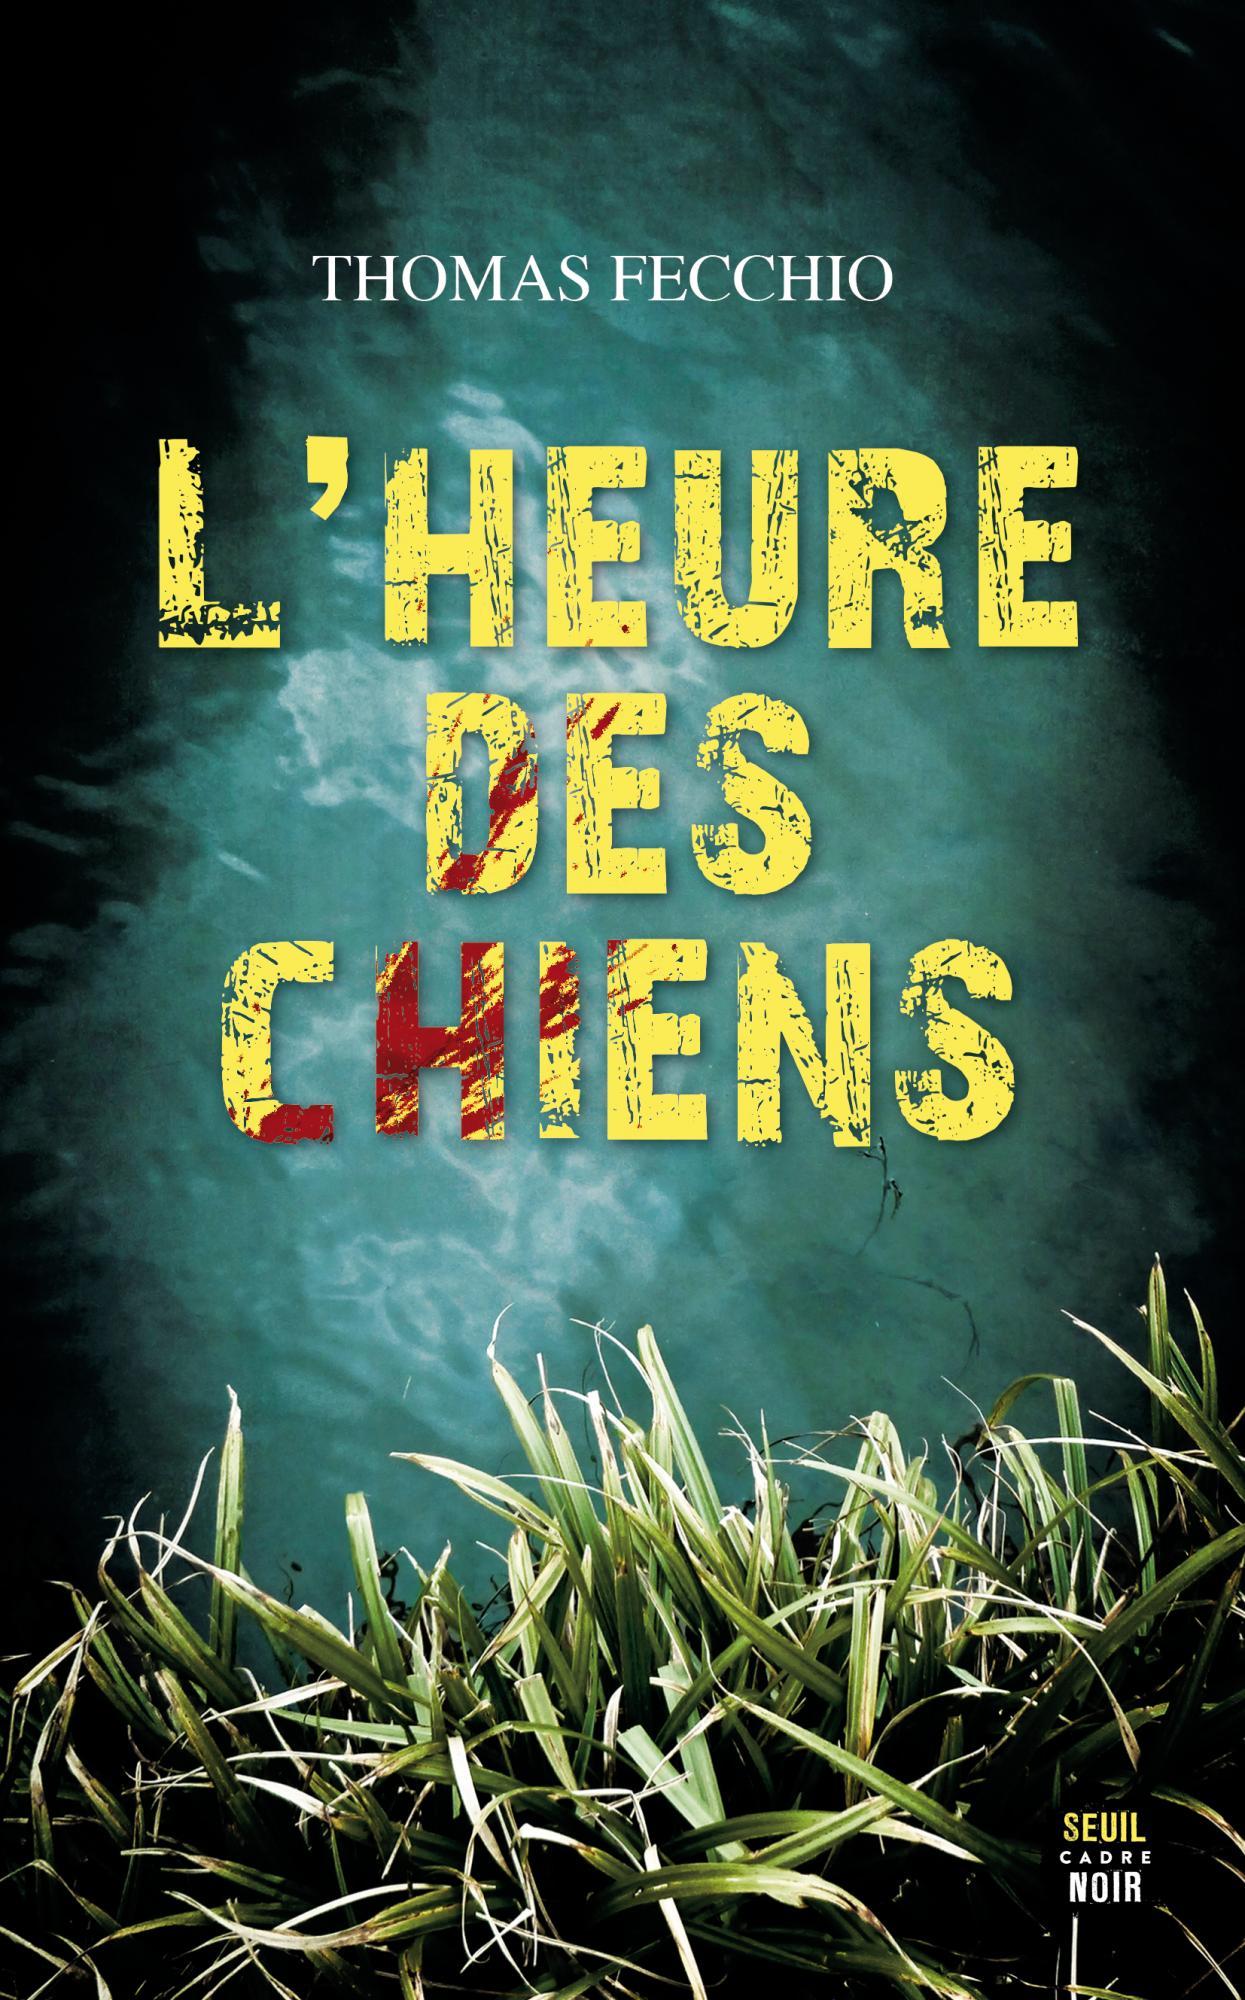 En gros plan, des herbes sur le bord d'une rivière, puis de l'eau avec un peu de courant, le nom de l'auteur en haut, caractères moyens, blancs, titre sur trois lignes, en gros caractères jaunes dont certains présentent des griffures sanglantes